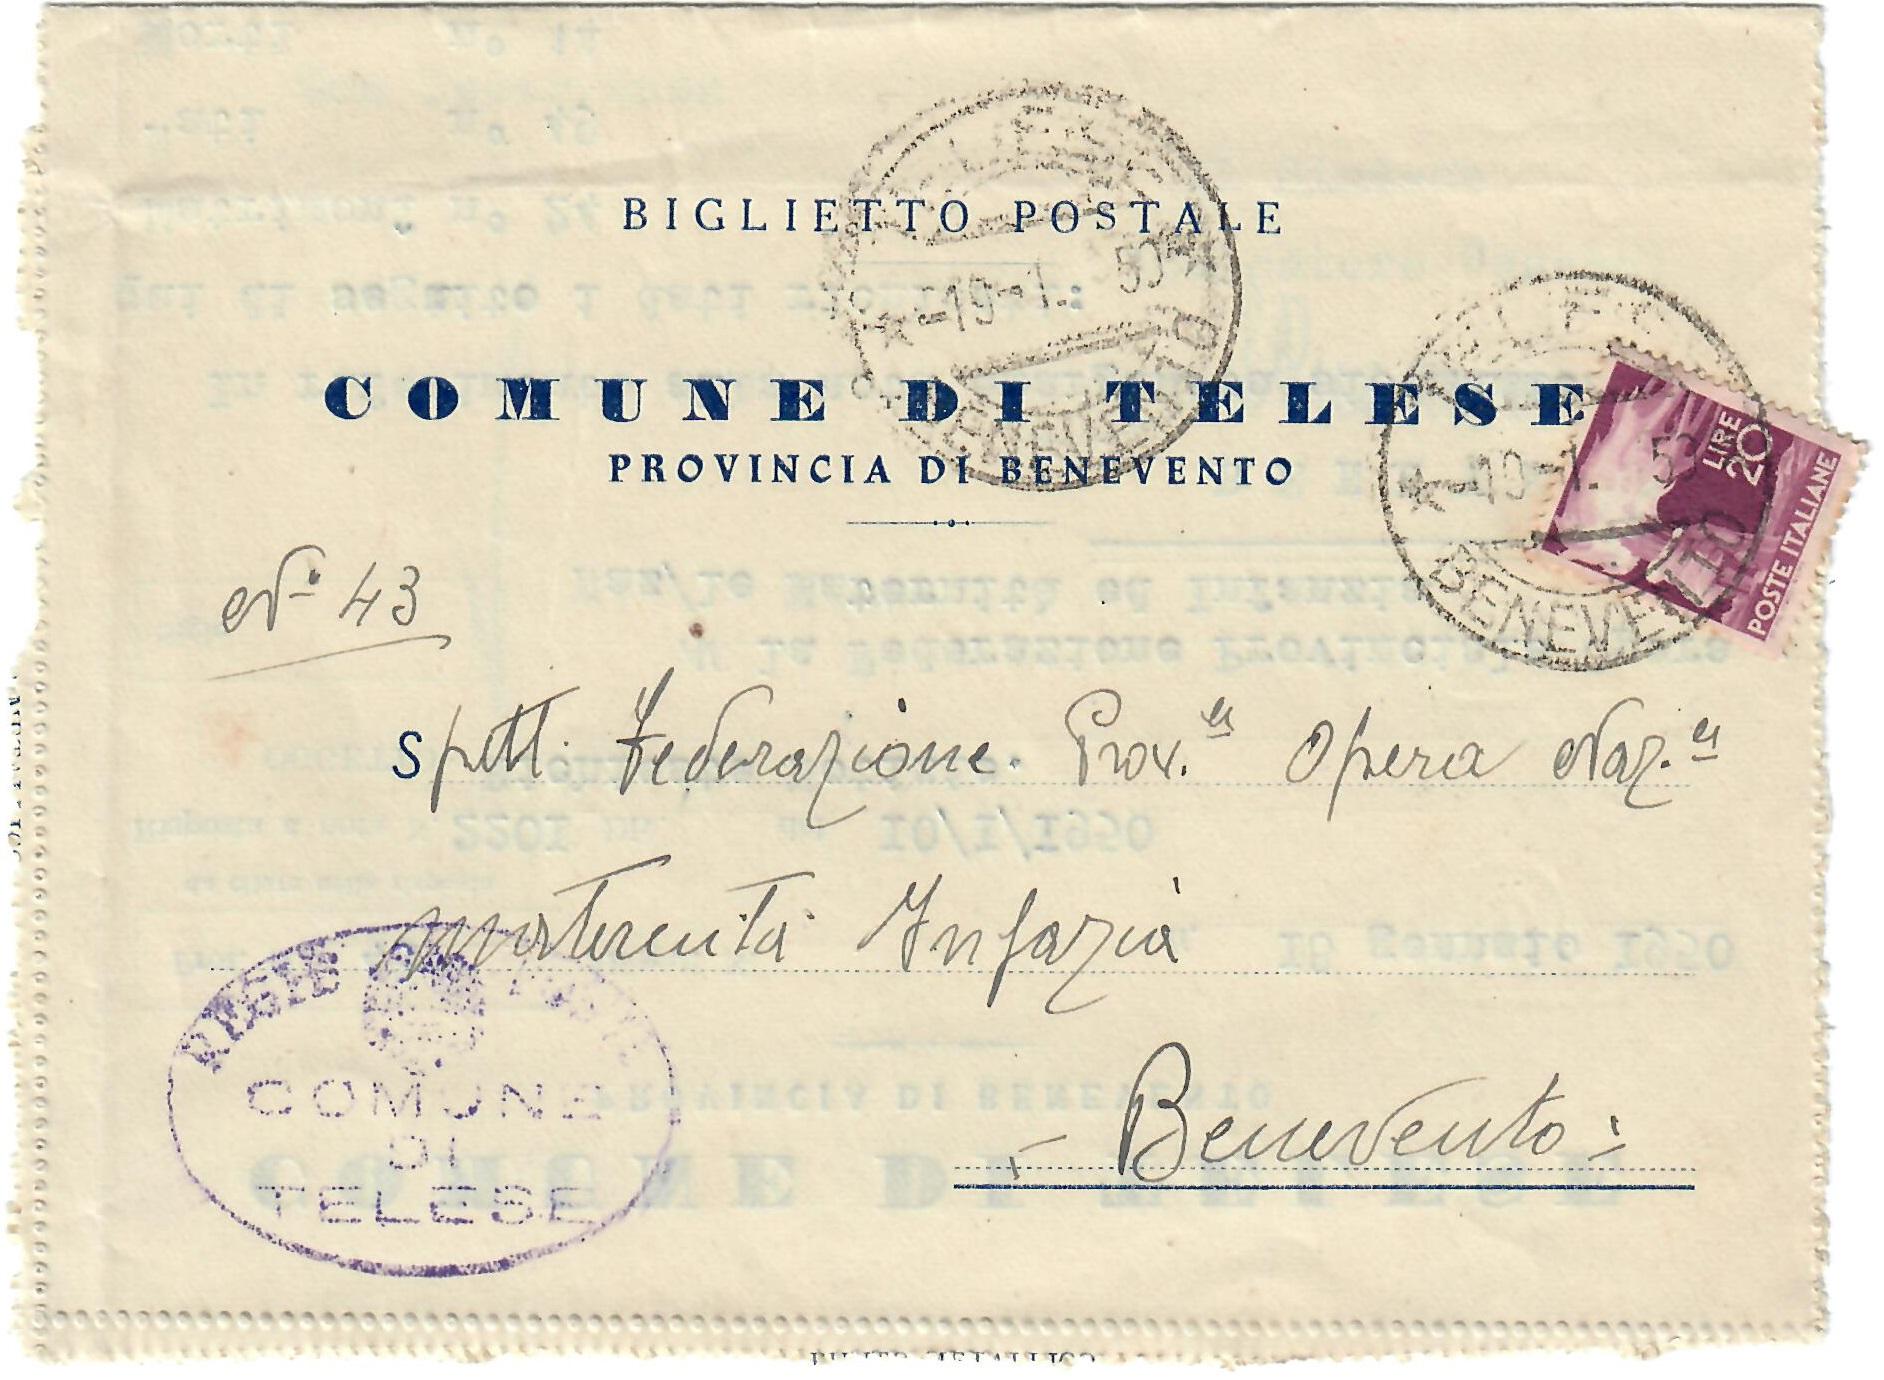 cei0517_isol_biglietto_postale